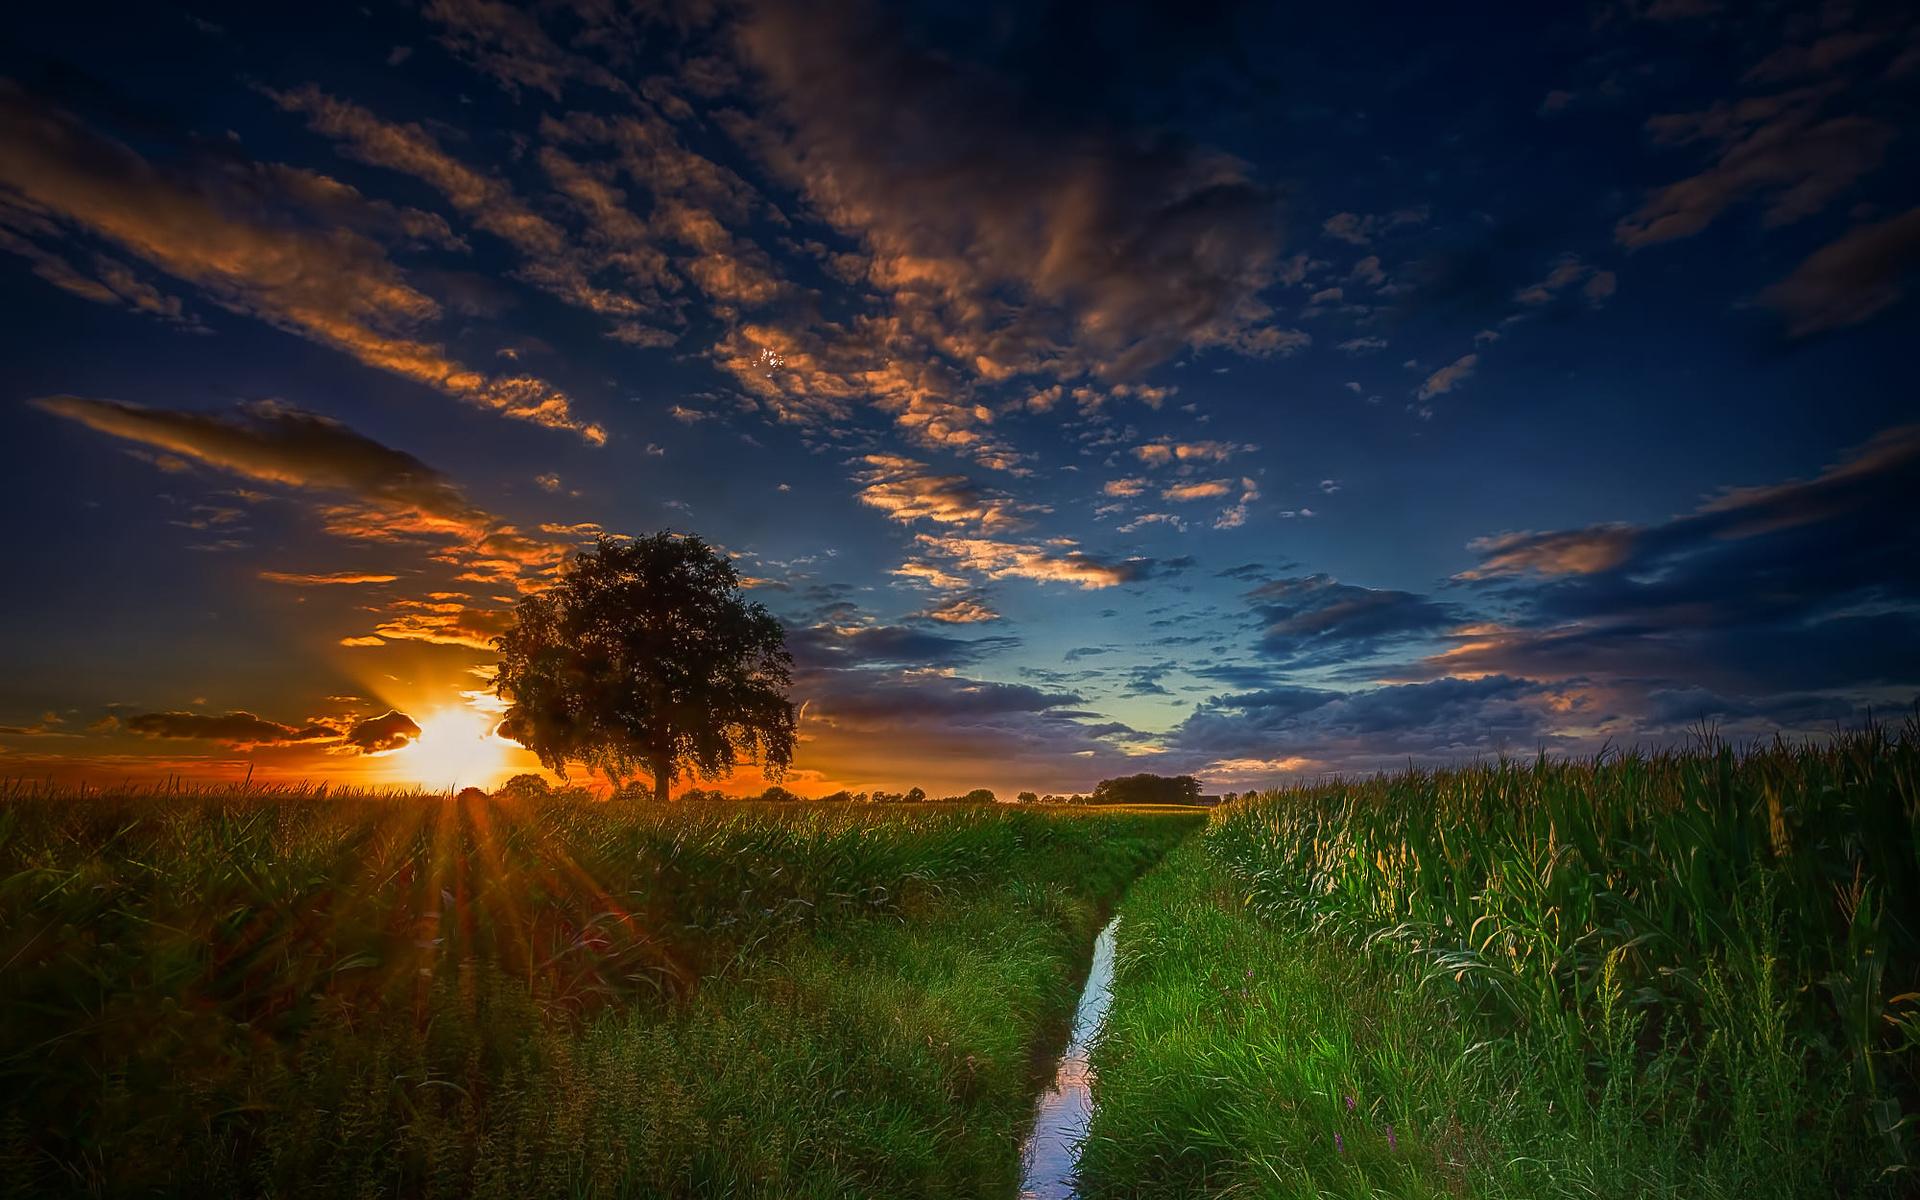 фото рассвет восход солнца дунаевский- классик советской